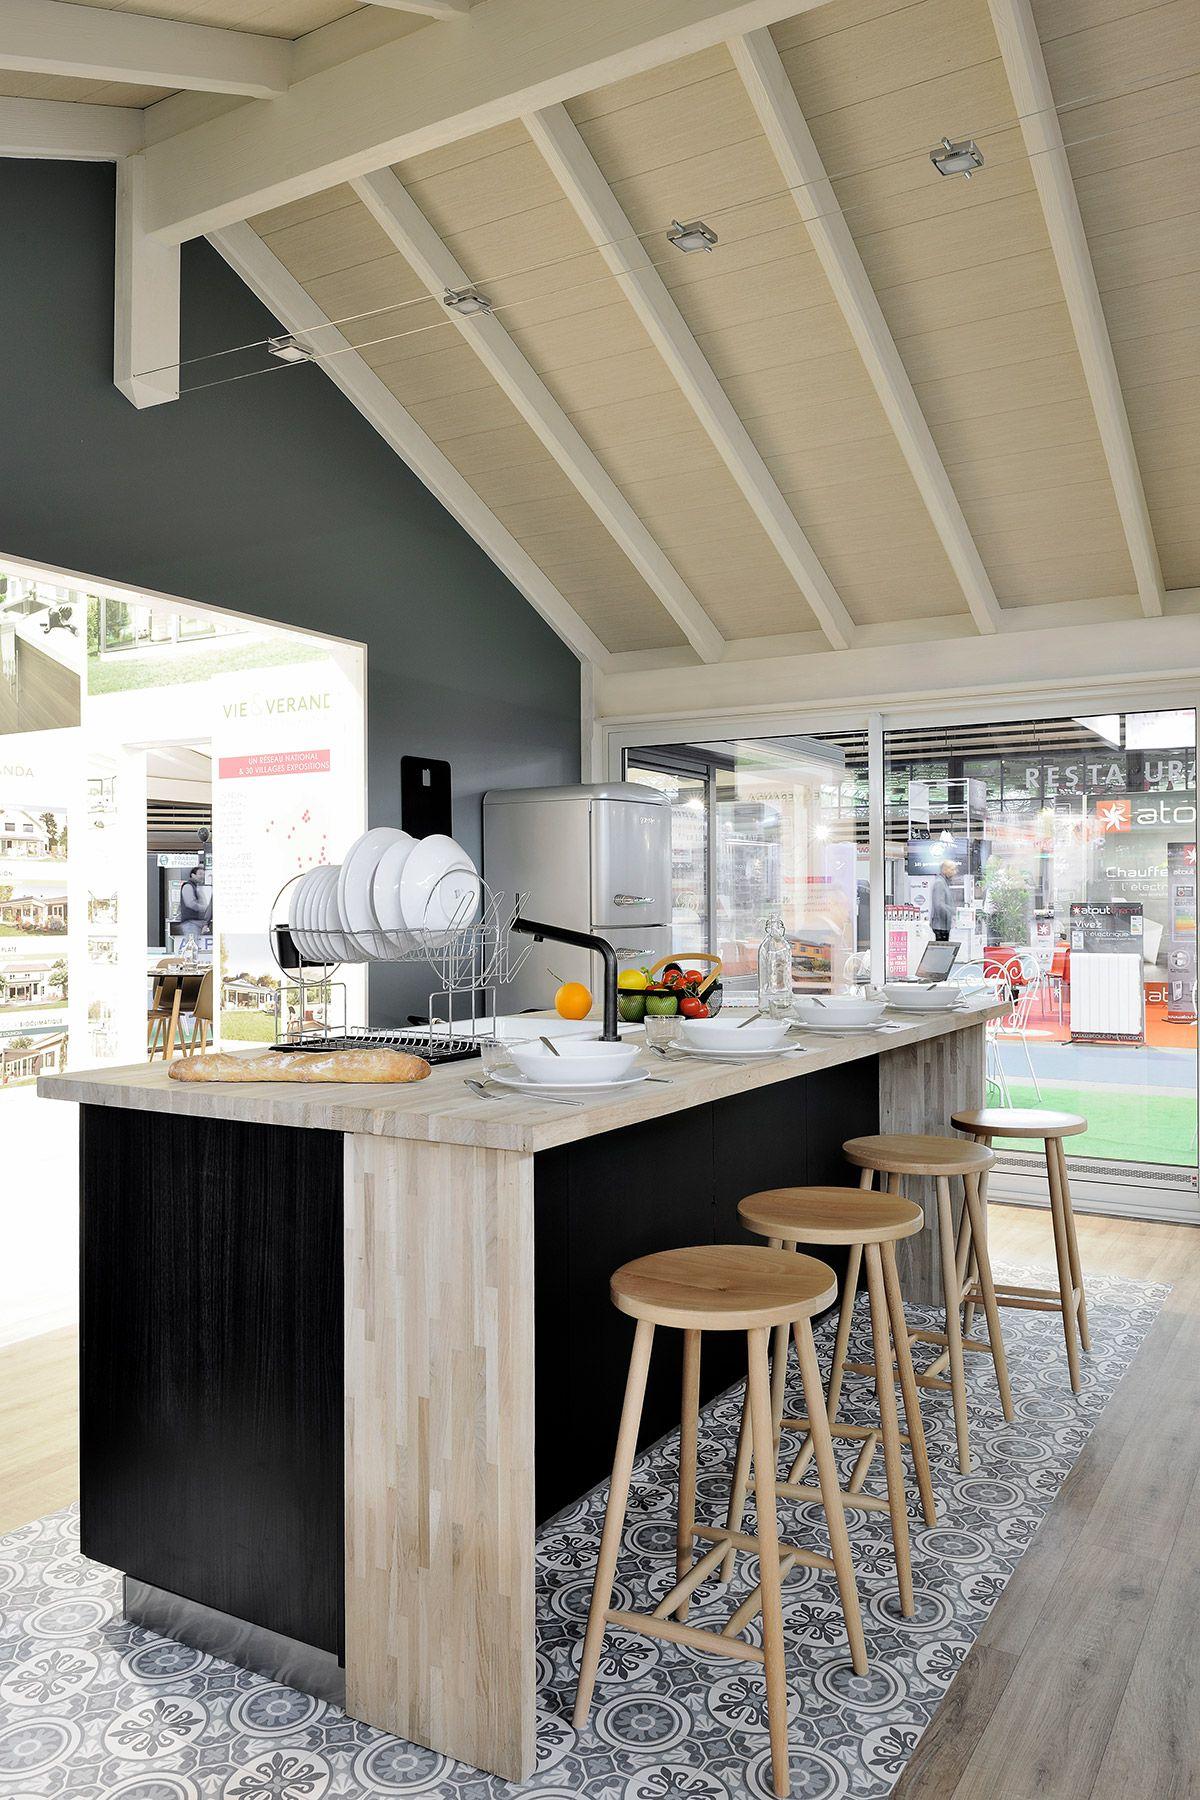 Une cuisine dans une véranda extension réalisée par Vie & Véranda, présentée à la Foire de Lyon ...